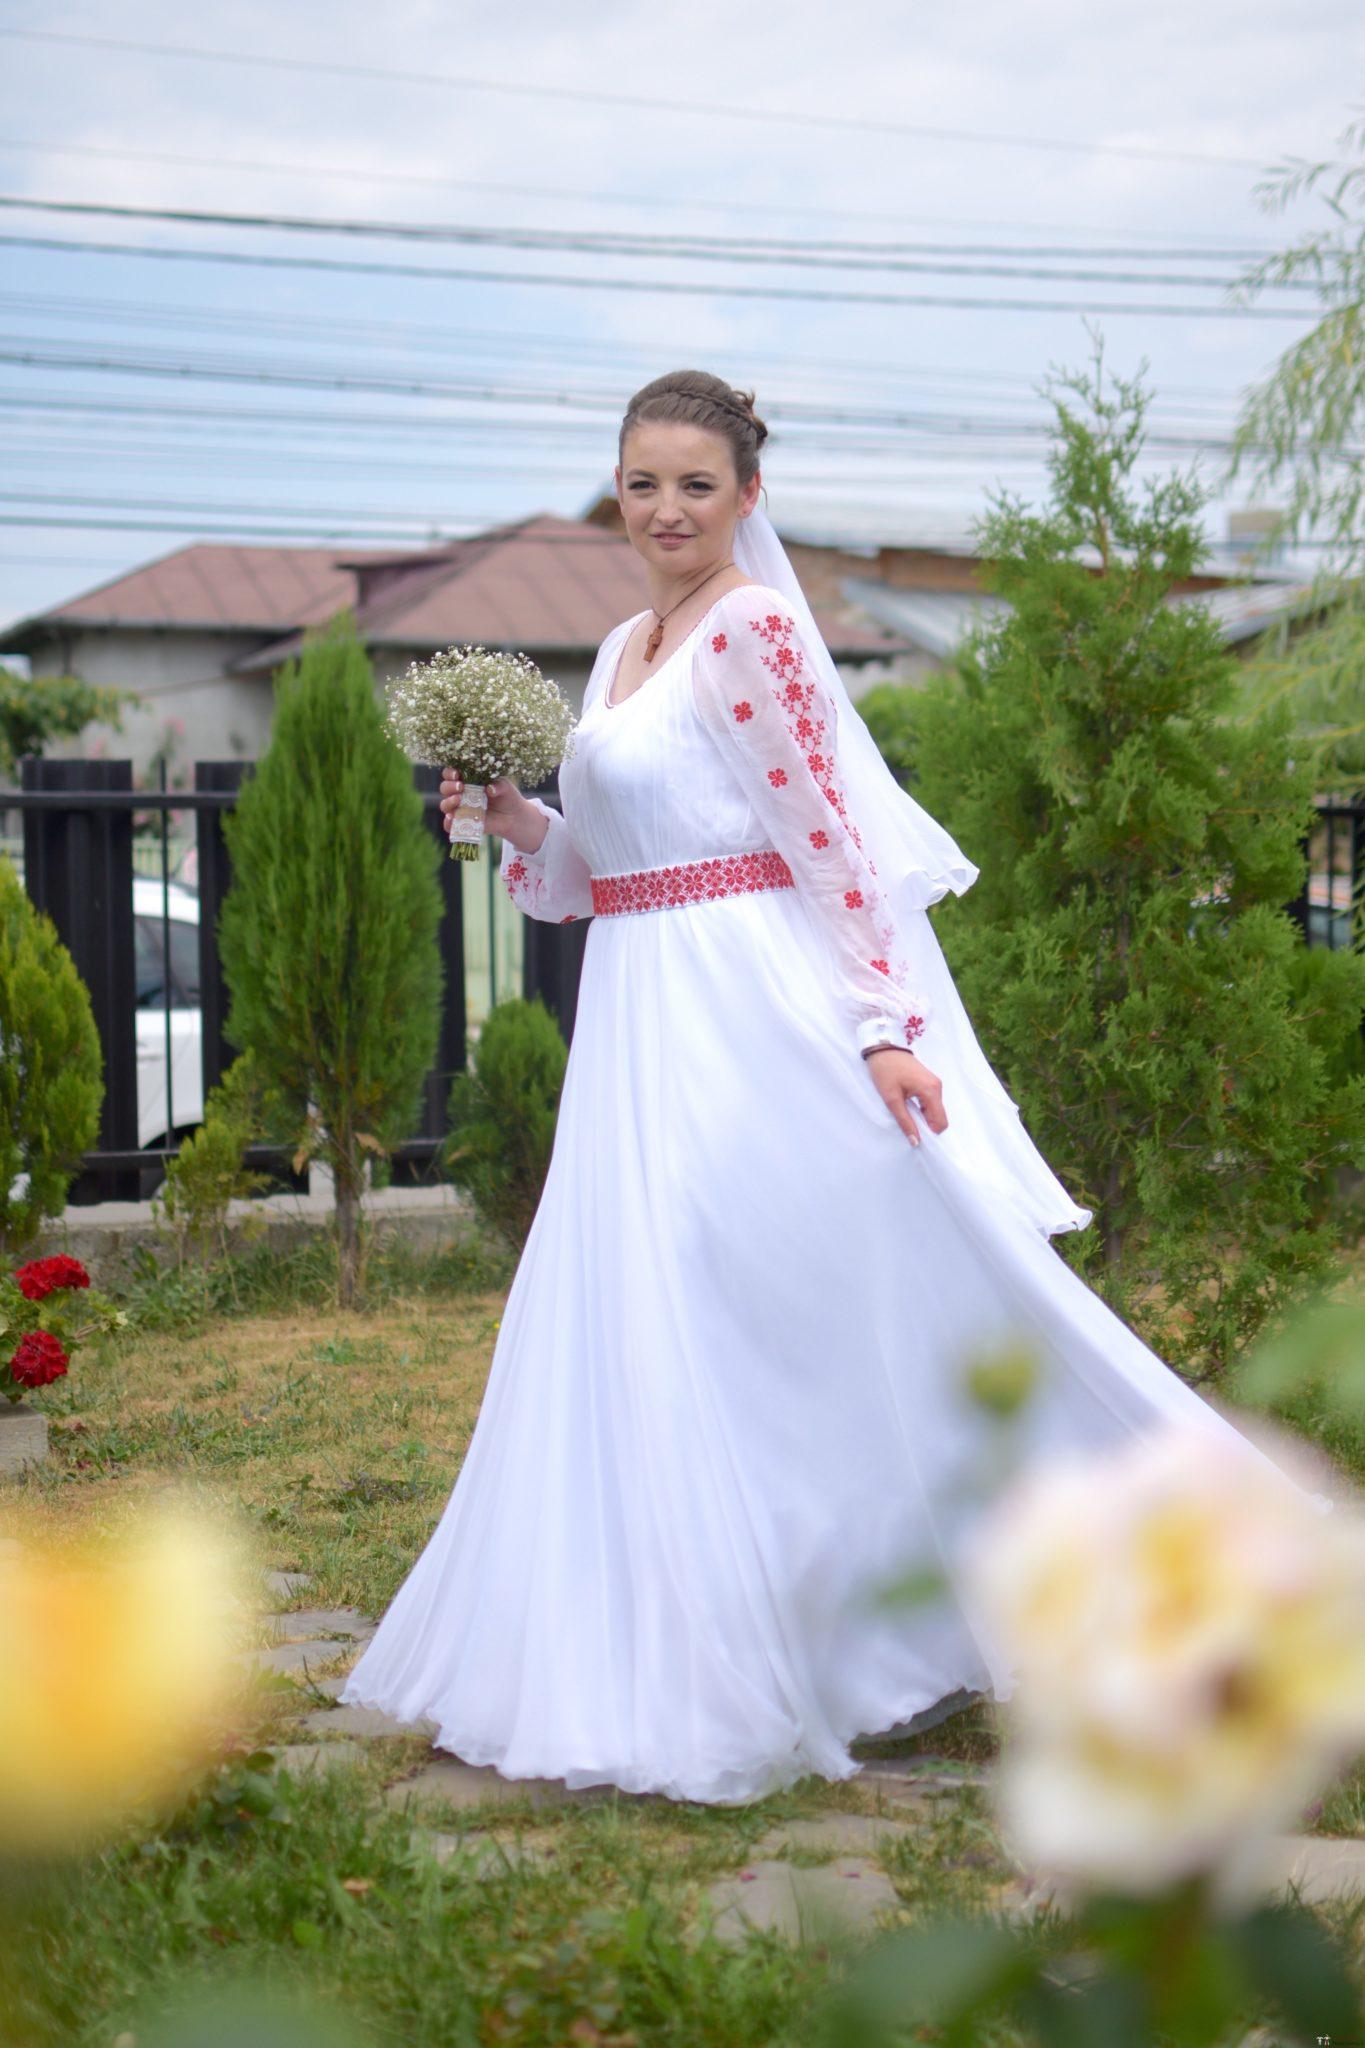 Povești Nunți Tradiționale - George Gabriel și Alexandra Buzatu, nuntă tradițională în Strejnicu, Prahova 10